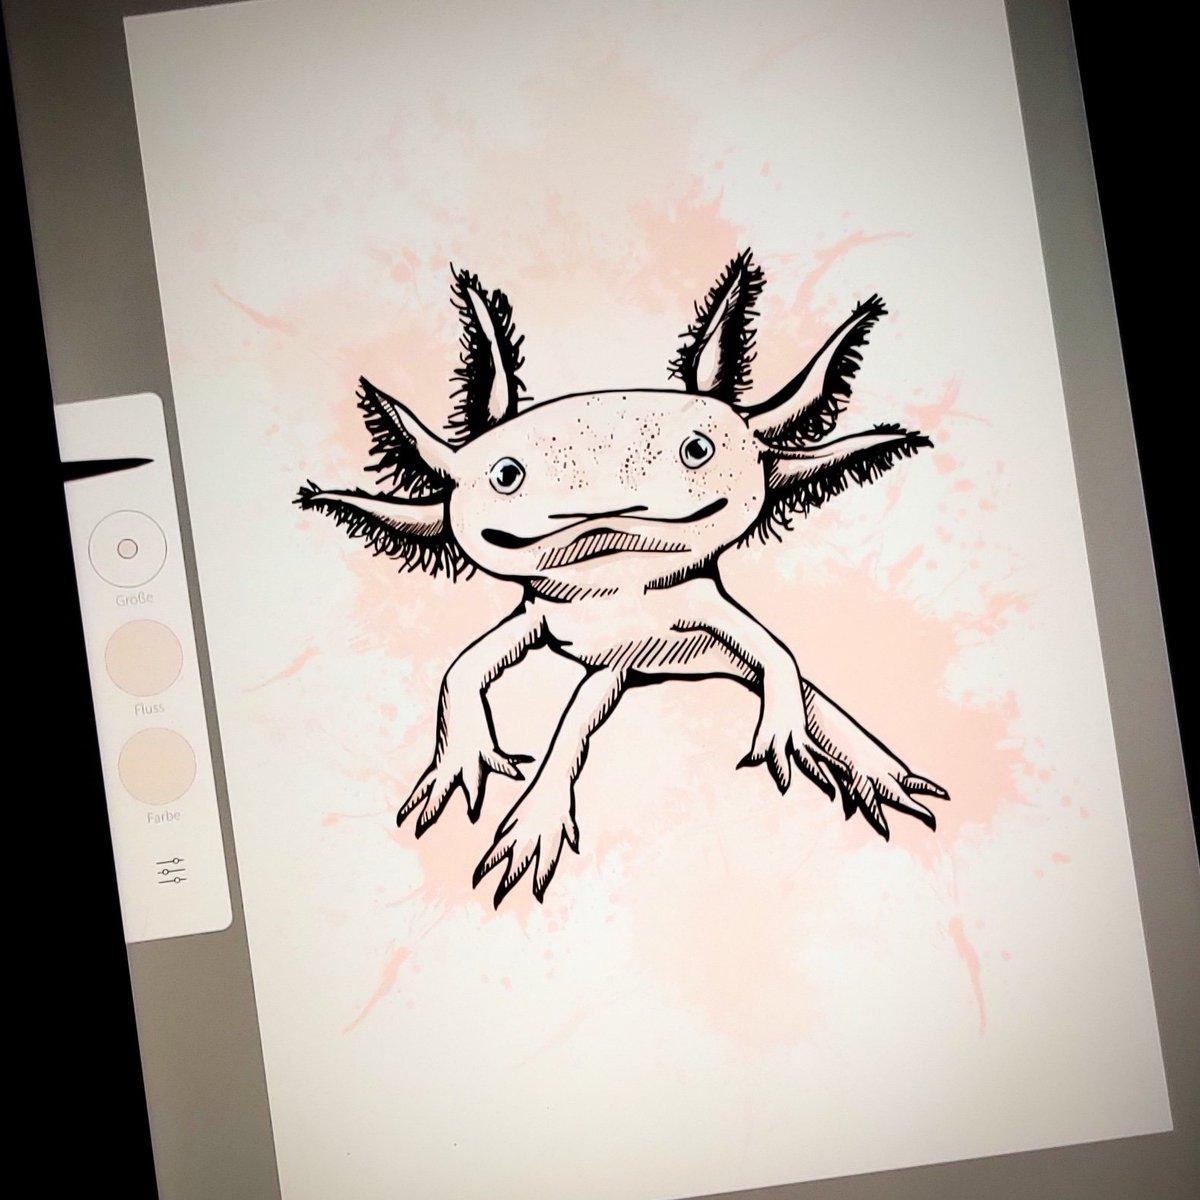 #artchallenge ... Leider nicht im Stream gezeichnet  den isisnedjem schlabber-rumgammel-look wollte ich euch nicht antun  dafür hier jetzt das fertige skribble: ein Axolotl #sketches #zeichnen #photoshopsketch #digitalzeichnen pic.twitter.com/kzdSMBUeBl